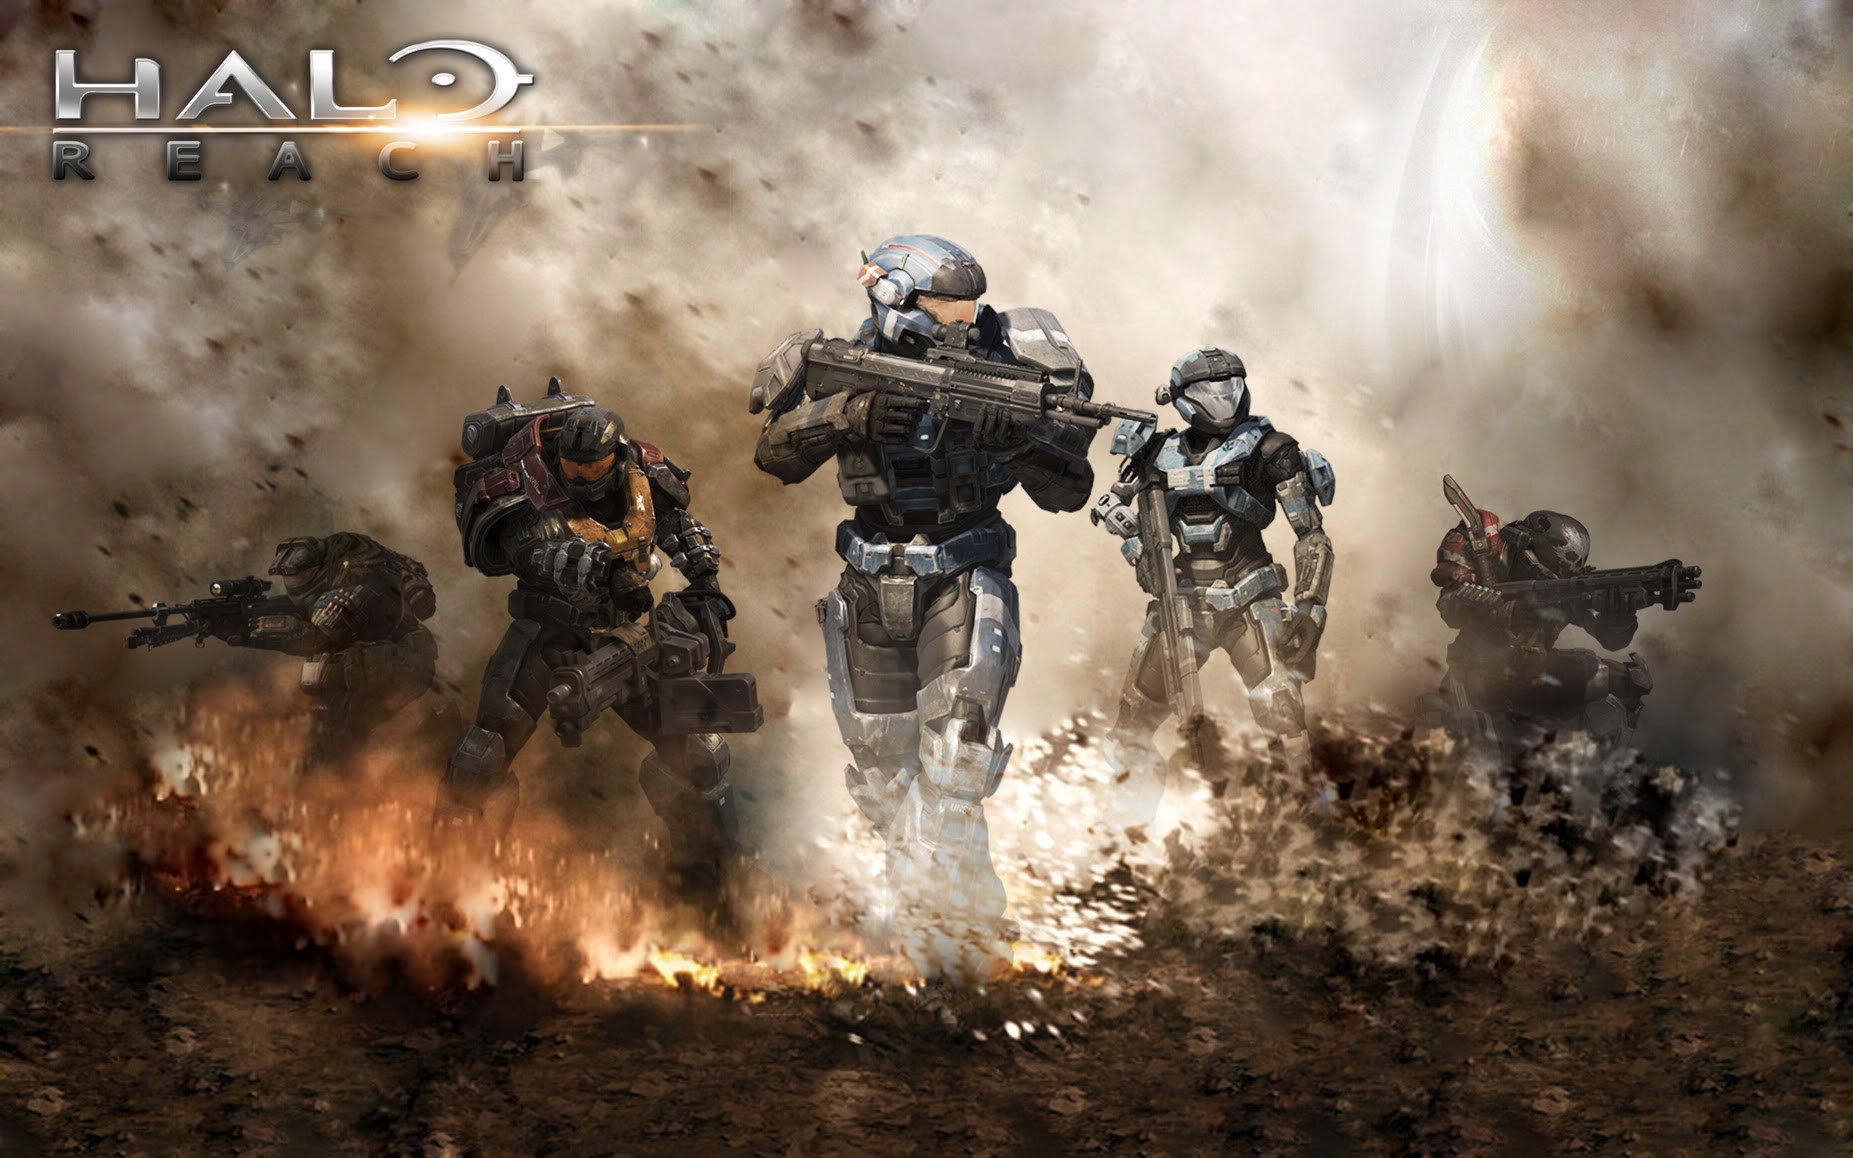 Image - Halo-reach-wallpaper.jpg - Howrse Wiki - Wikia